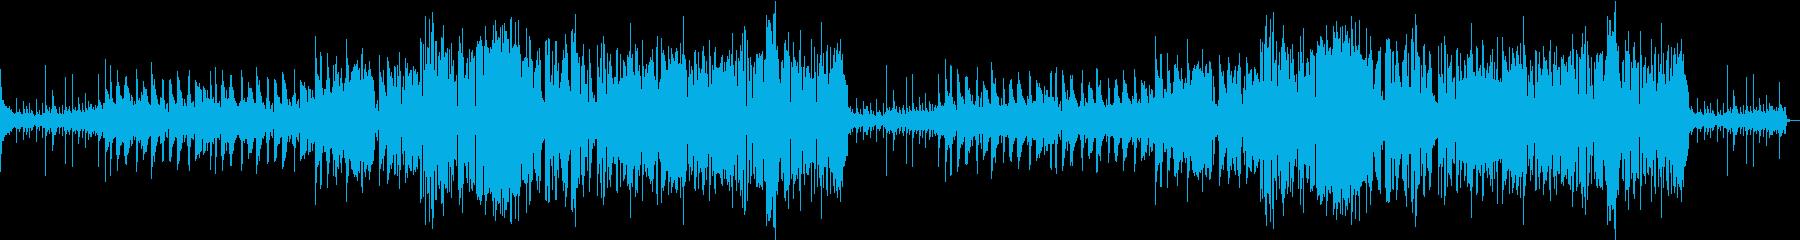 フルートとサックスの軽快なジャズの再生済みの波形